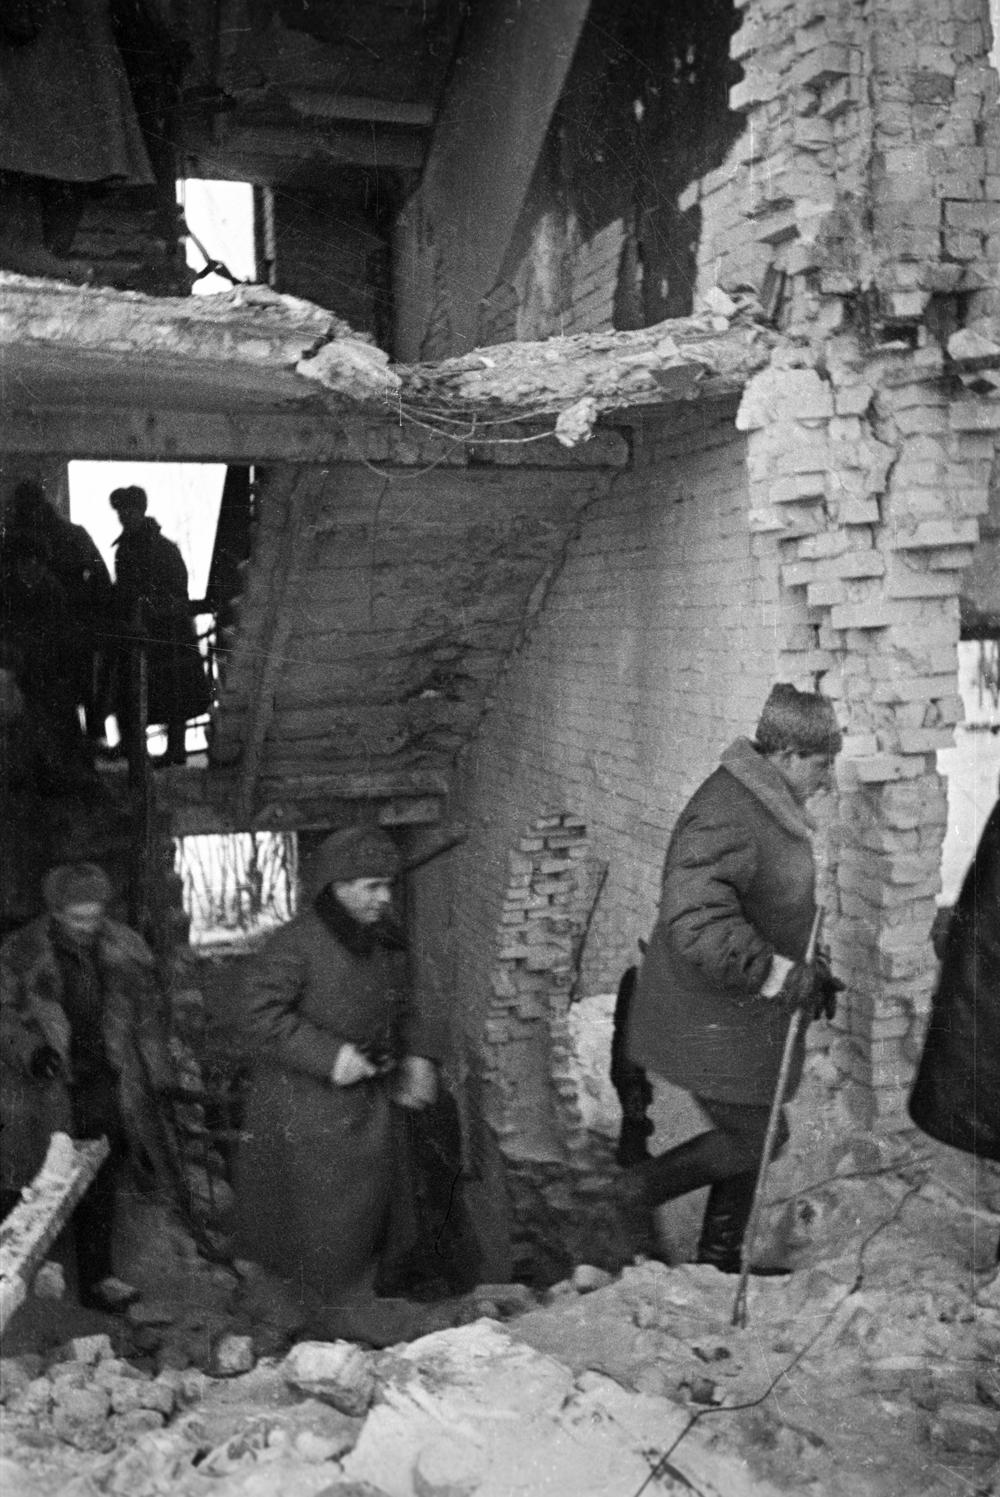 Командующий 62-й армией Василий Иванович Чуйков проходит по одному из разрушенных домов Сталинграда.